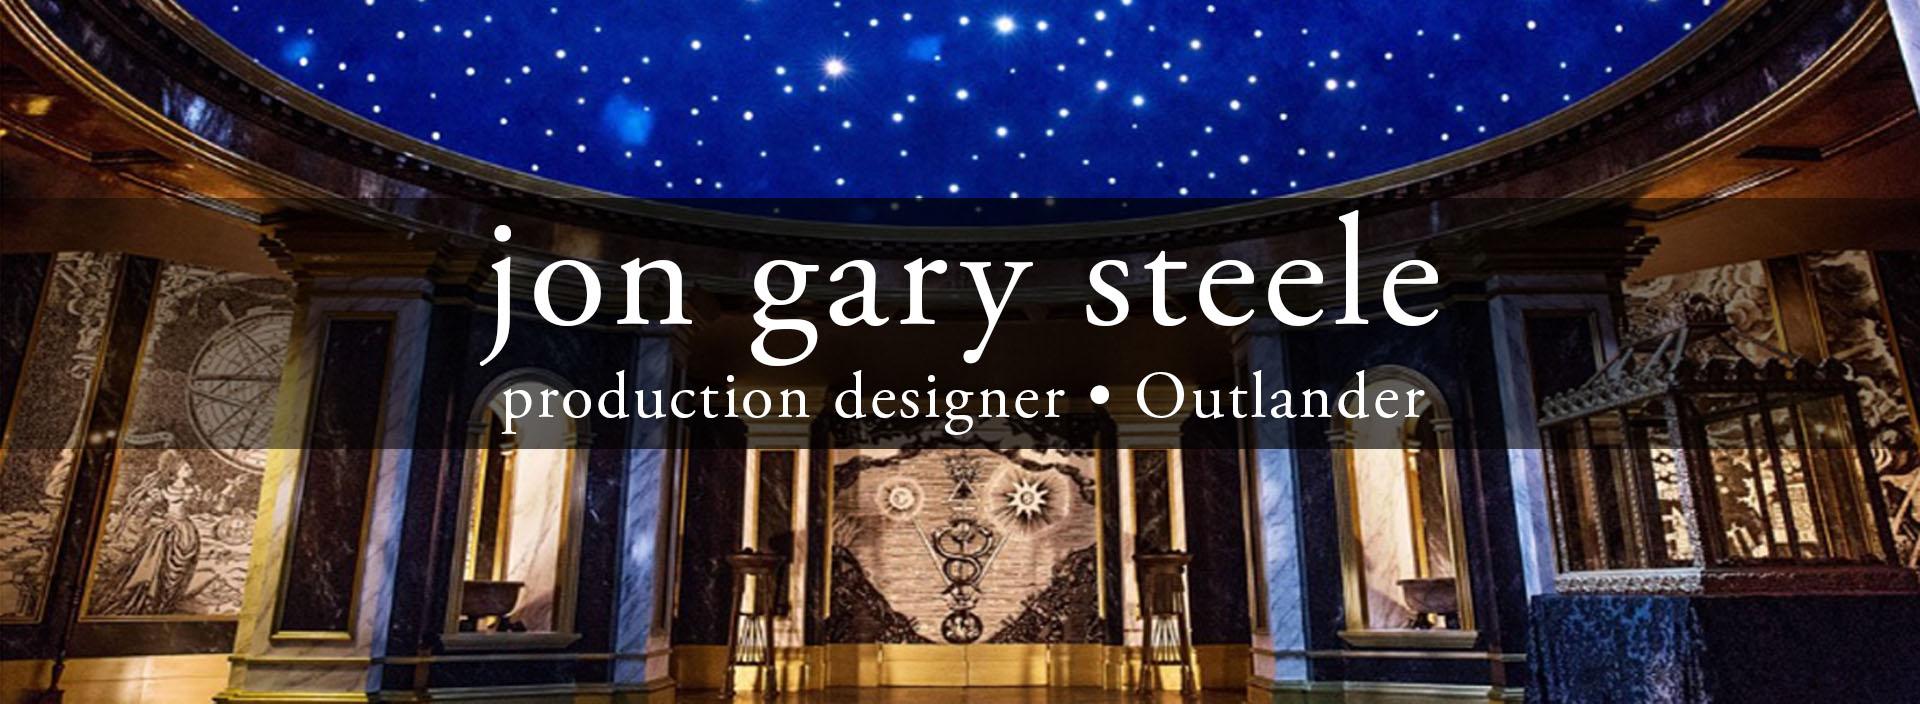 Jon Gary Steele